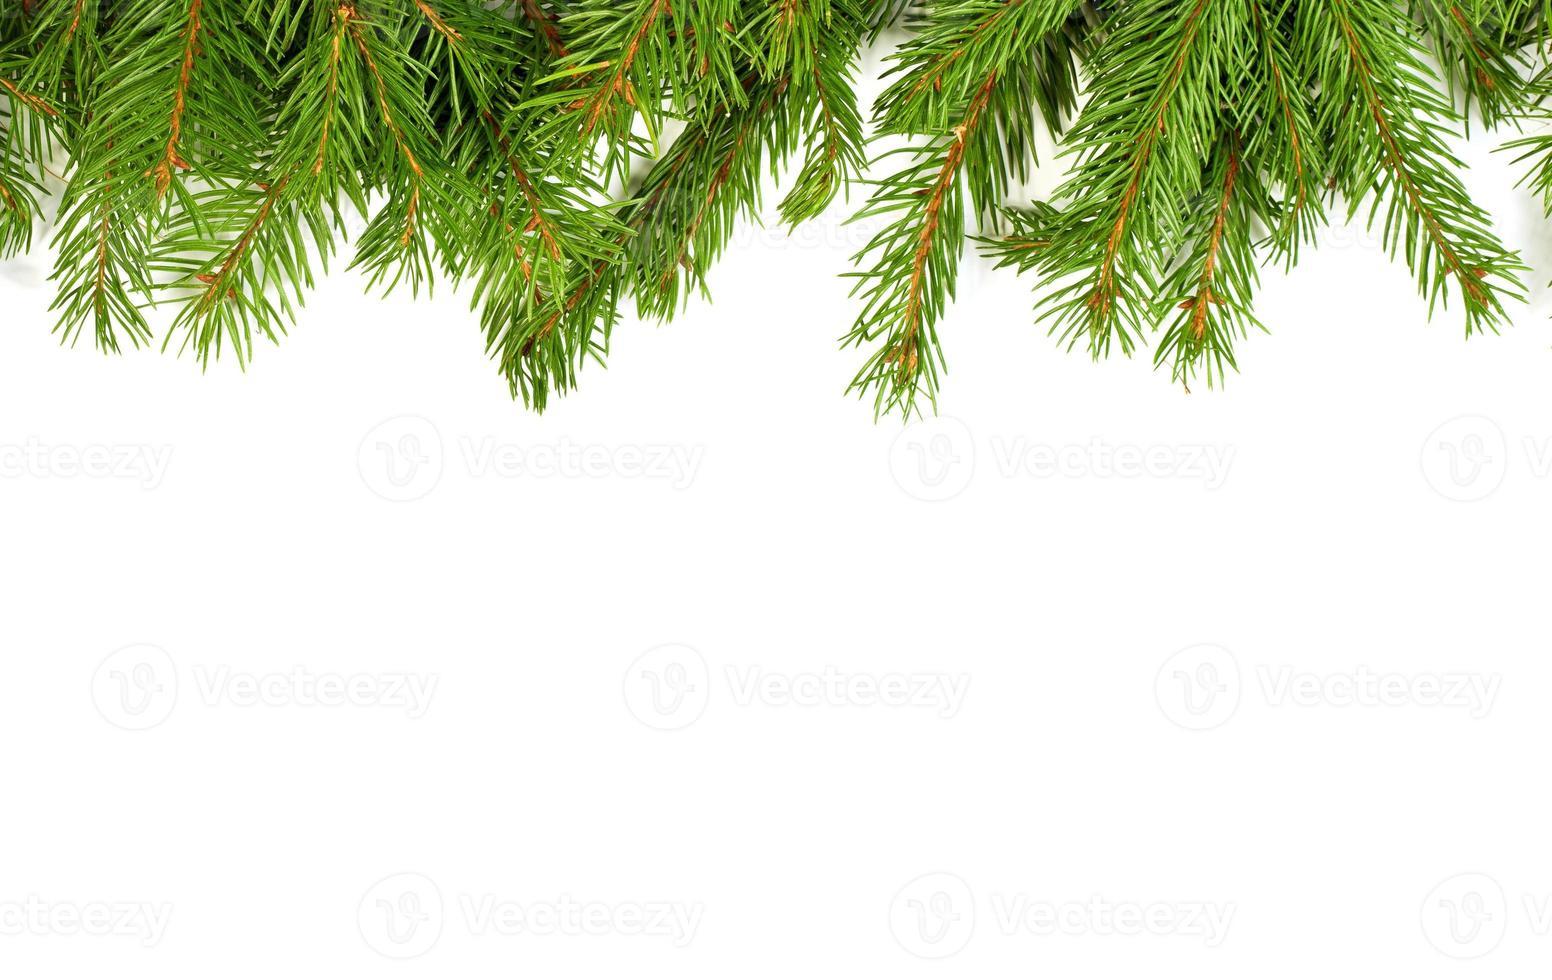 Weihnachtshintergrund. Vorabend Rahmen foto